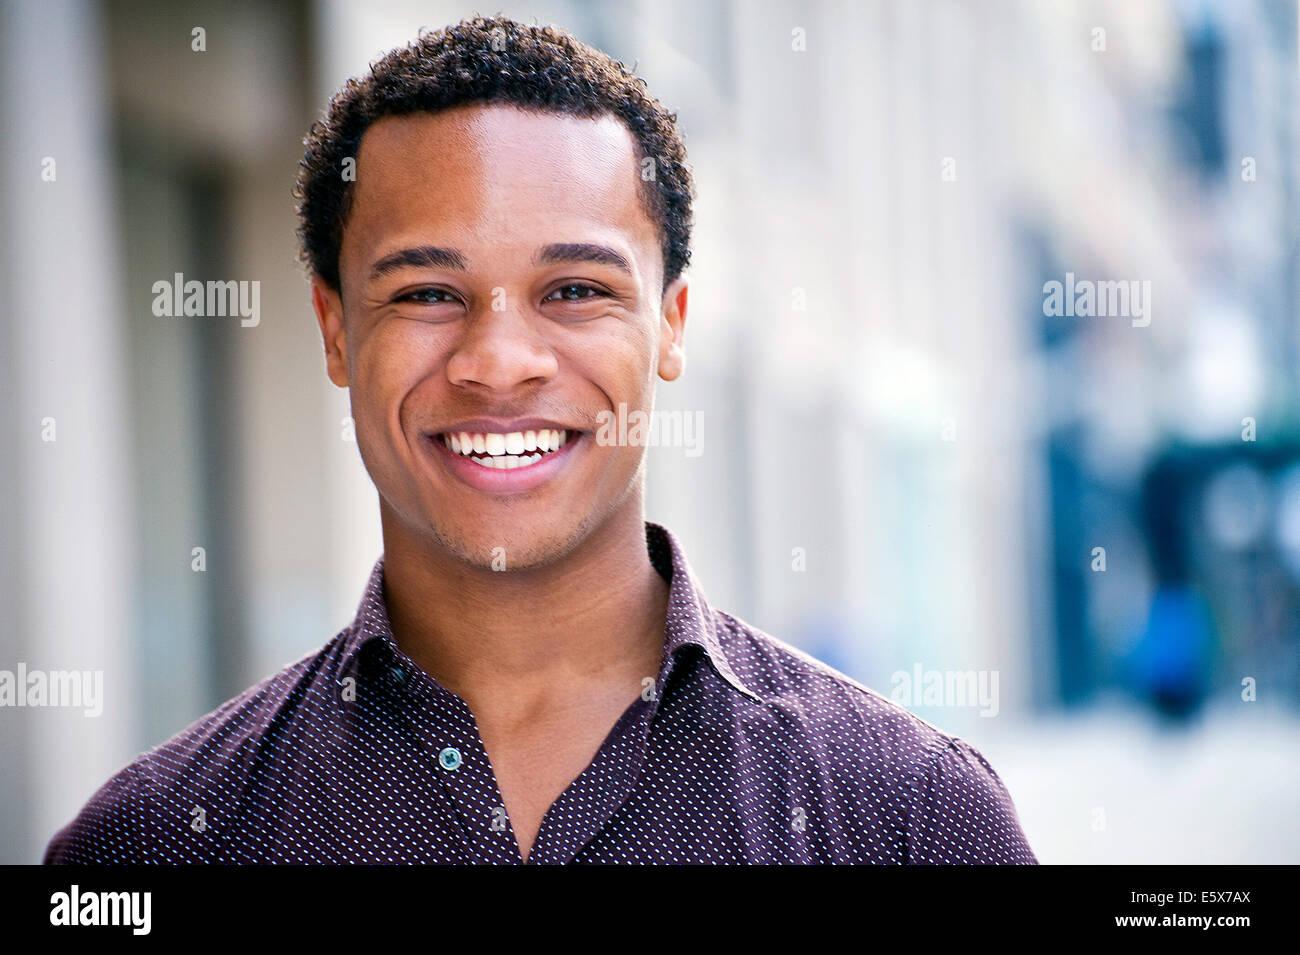 Porträt des jungen Mannes im Chat auf Stadtstraße Stockbild